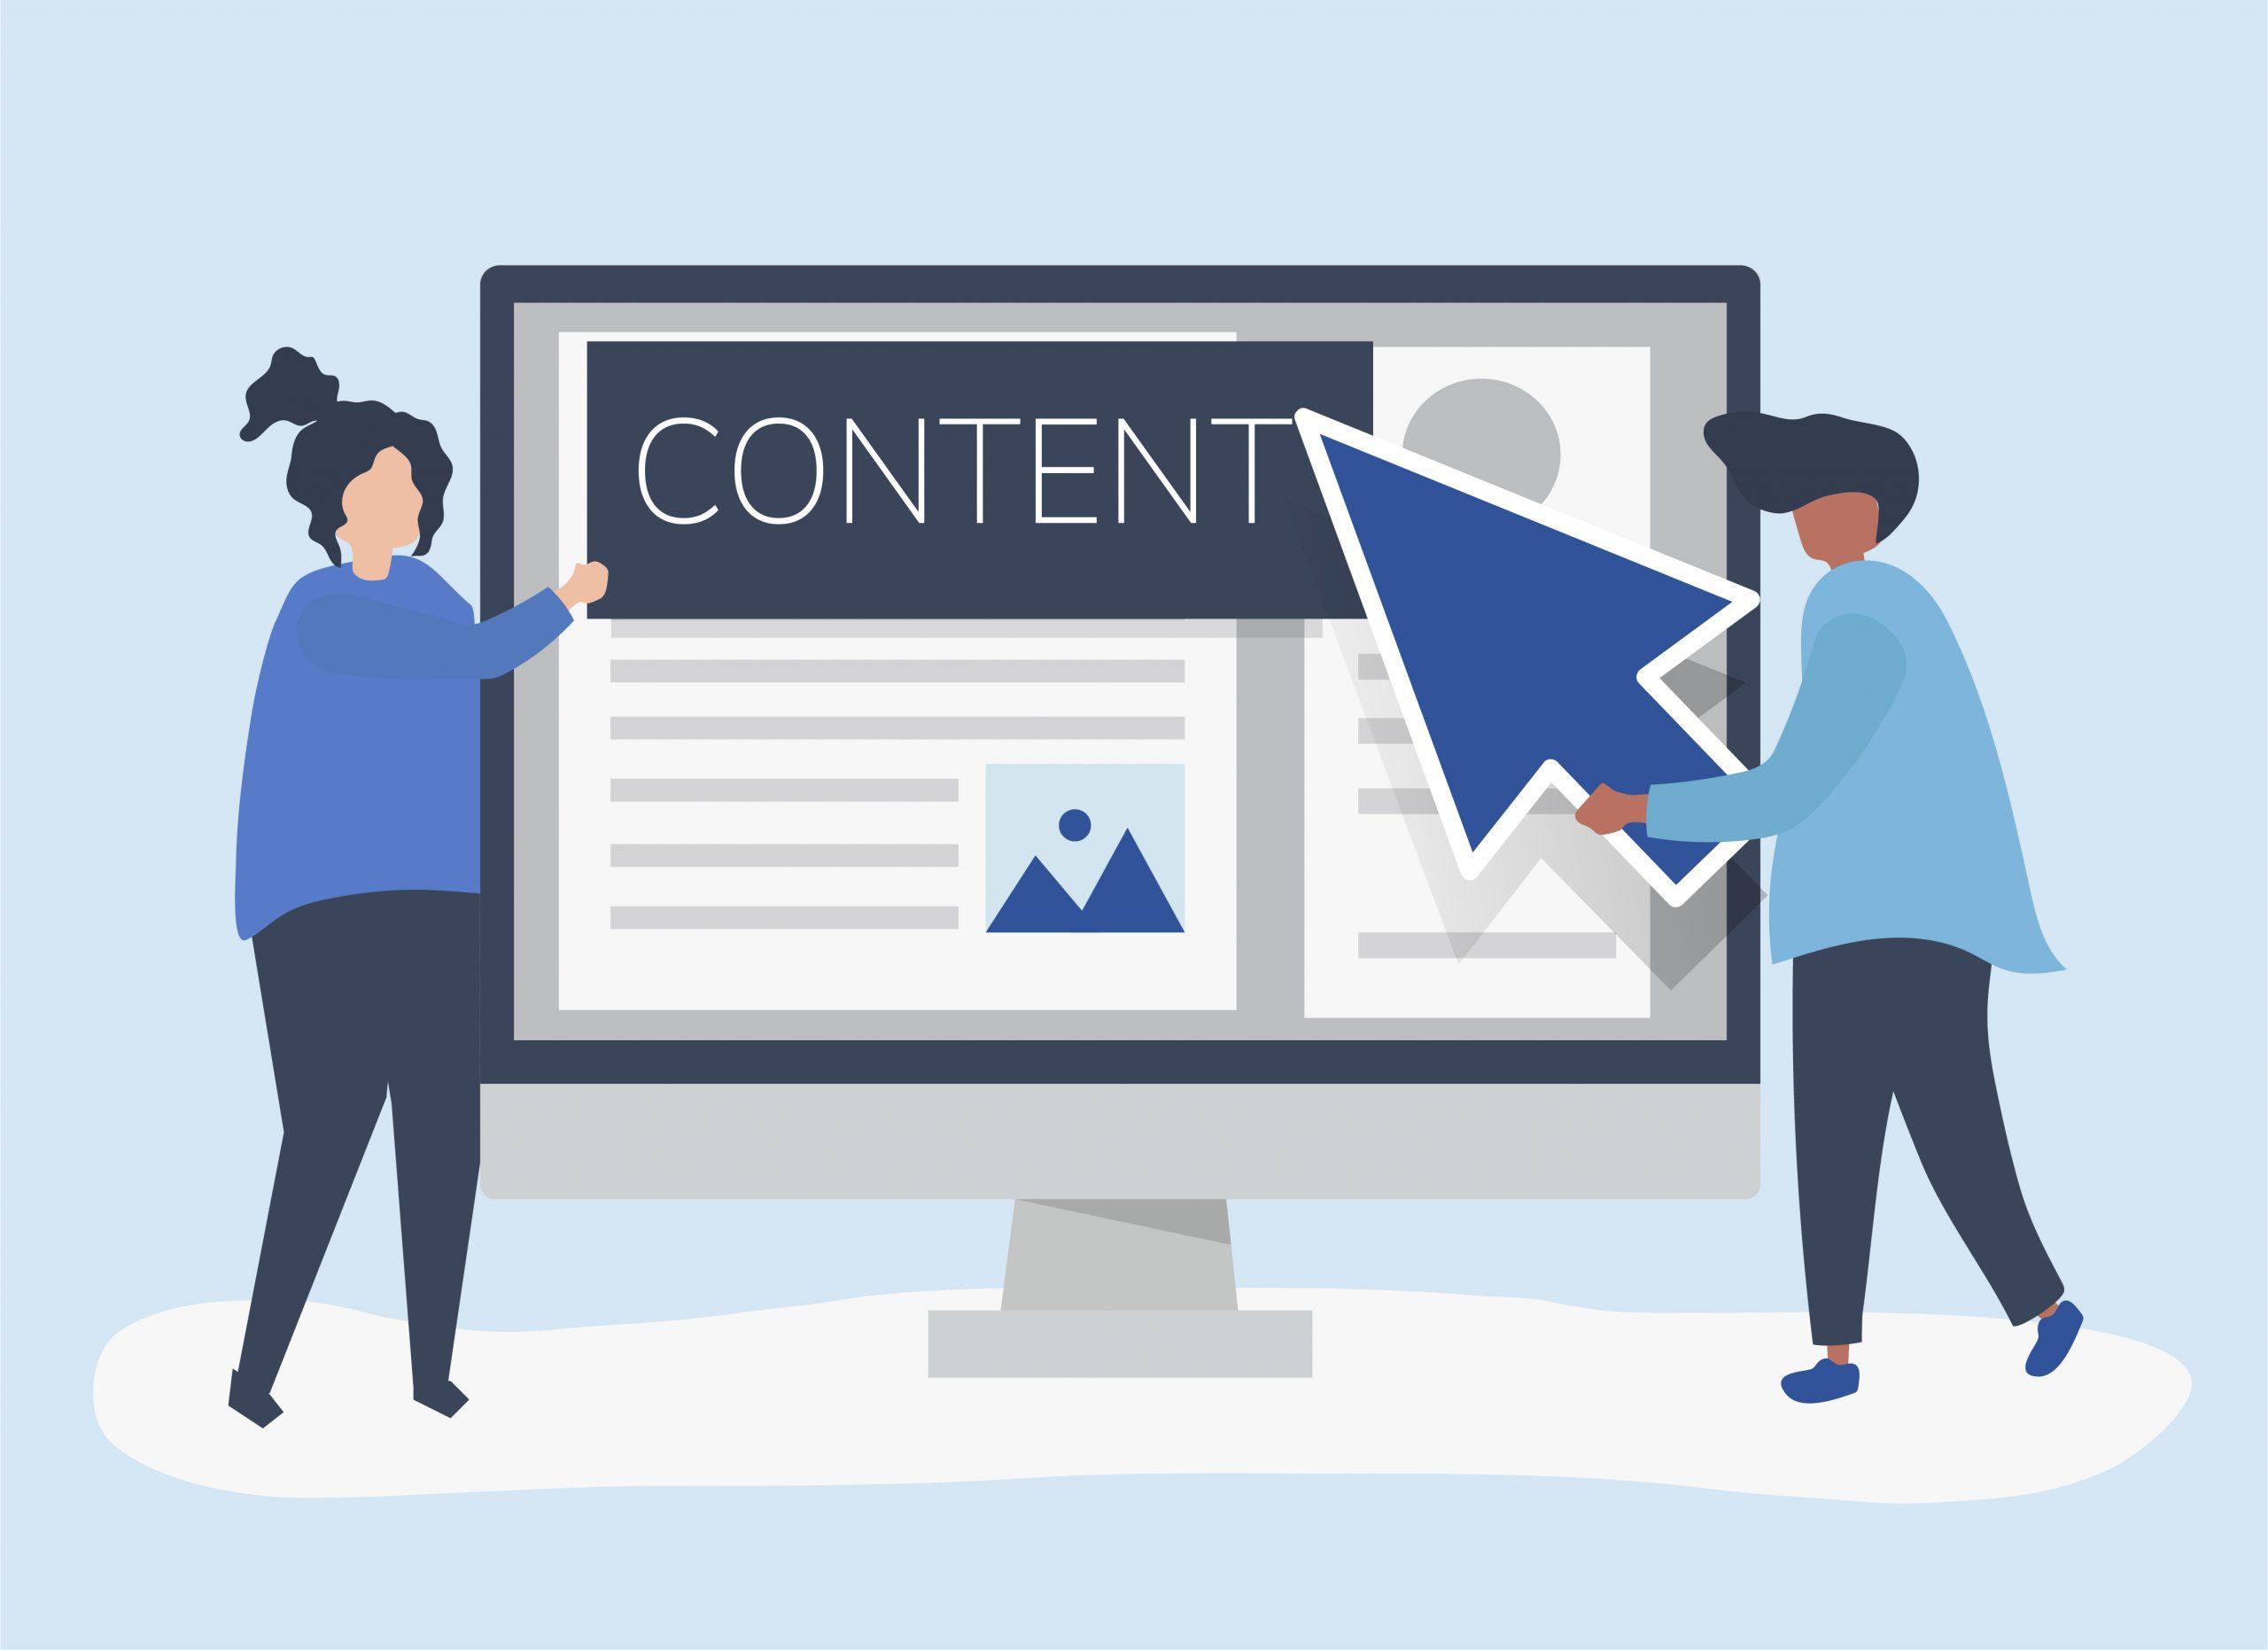 5 yếu tố một trang web cần có đề duy trì tương tác ổn định với người đọc